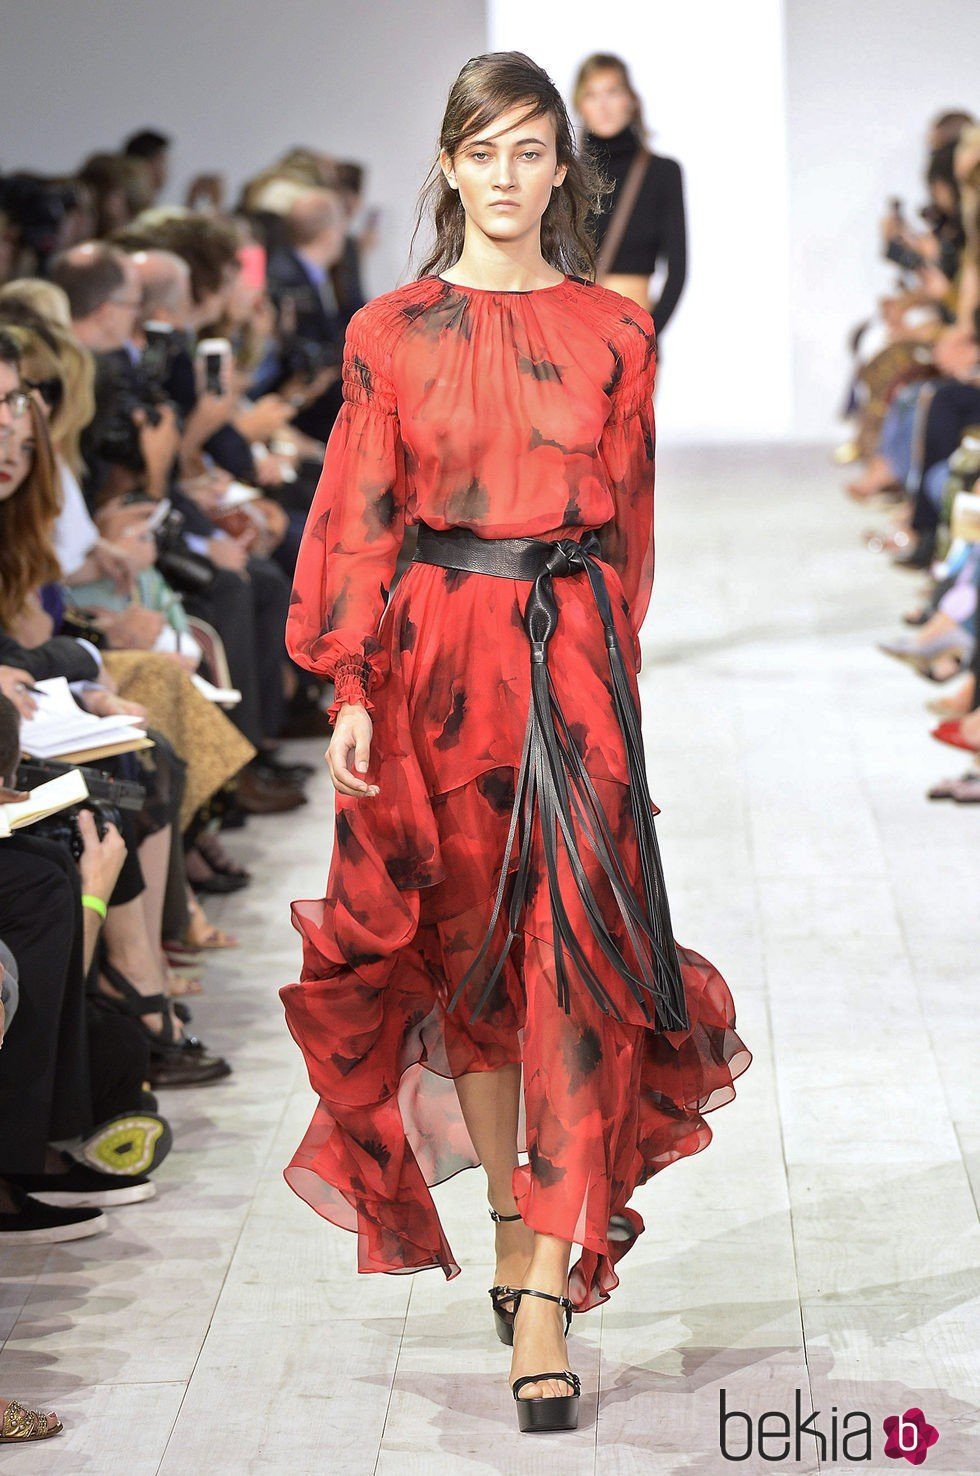 b563ab72a Anterior Vestido rojo y negro de la colección de primavera verano 2016 de  Michael Kors en